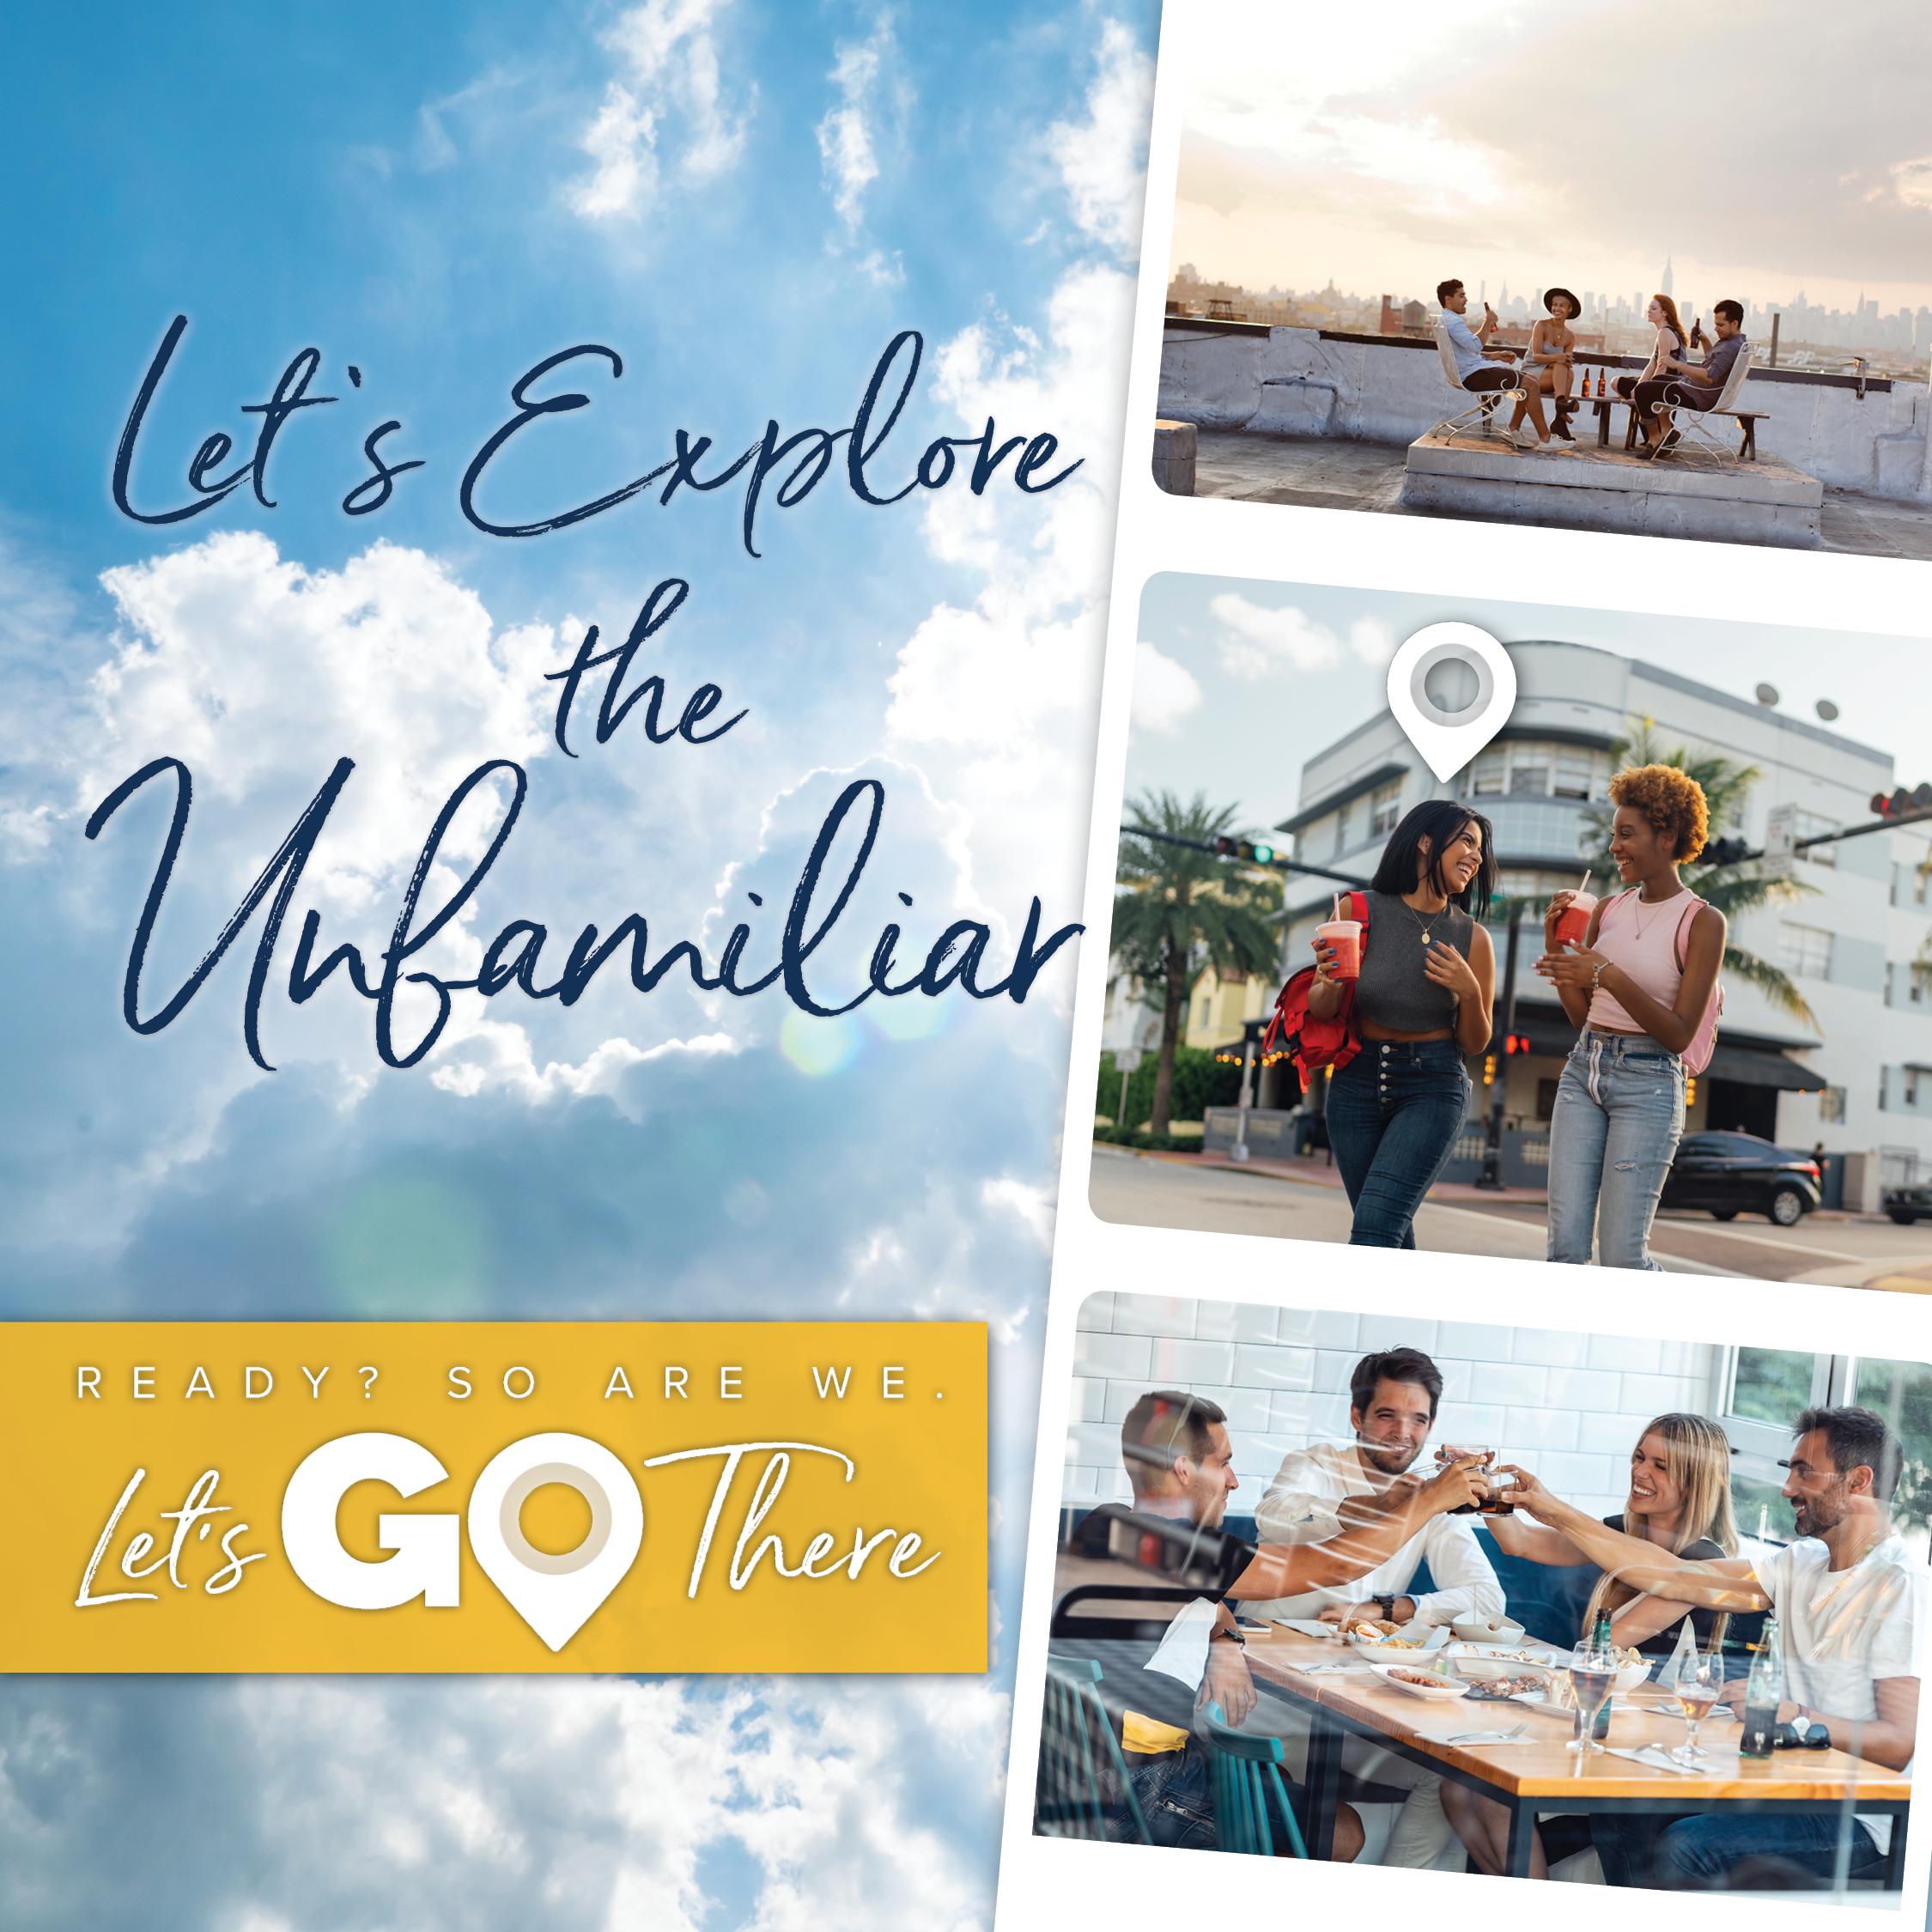 Let's Explore the Unfamilar